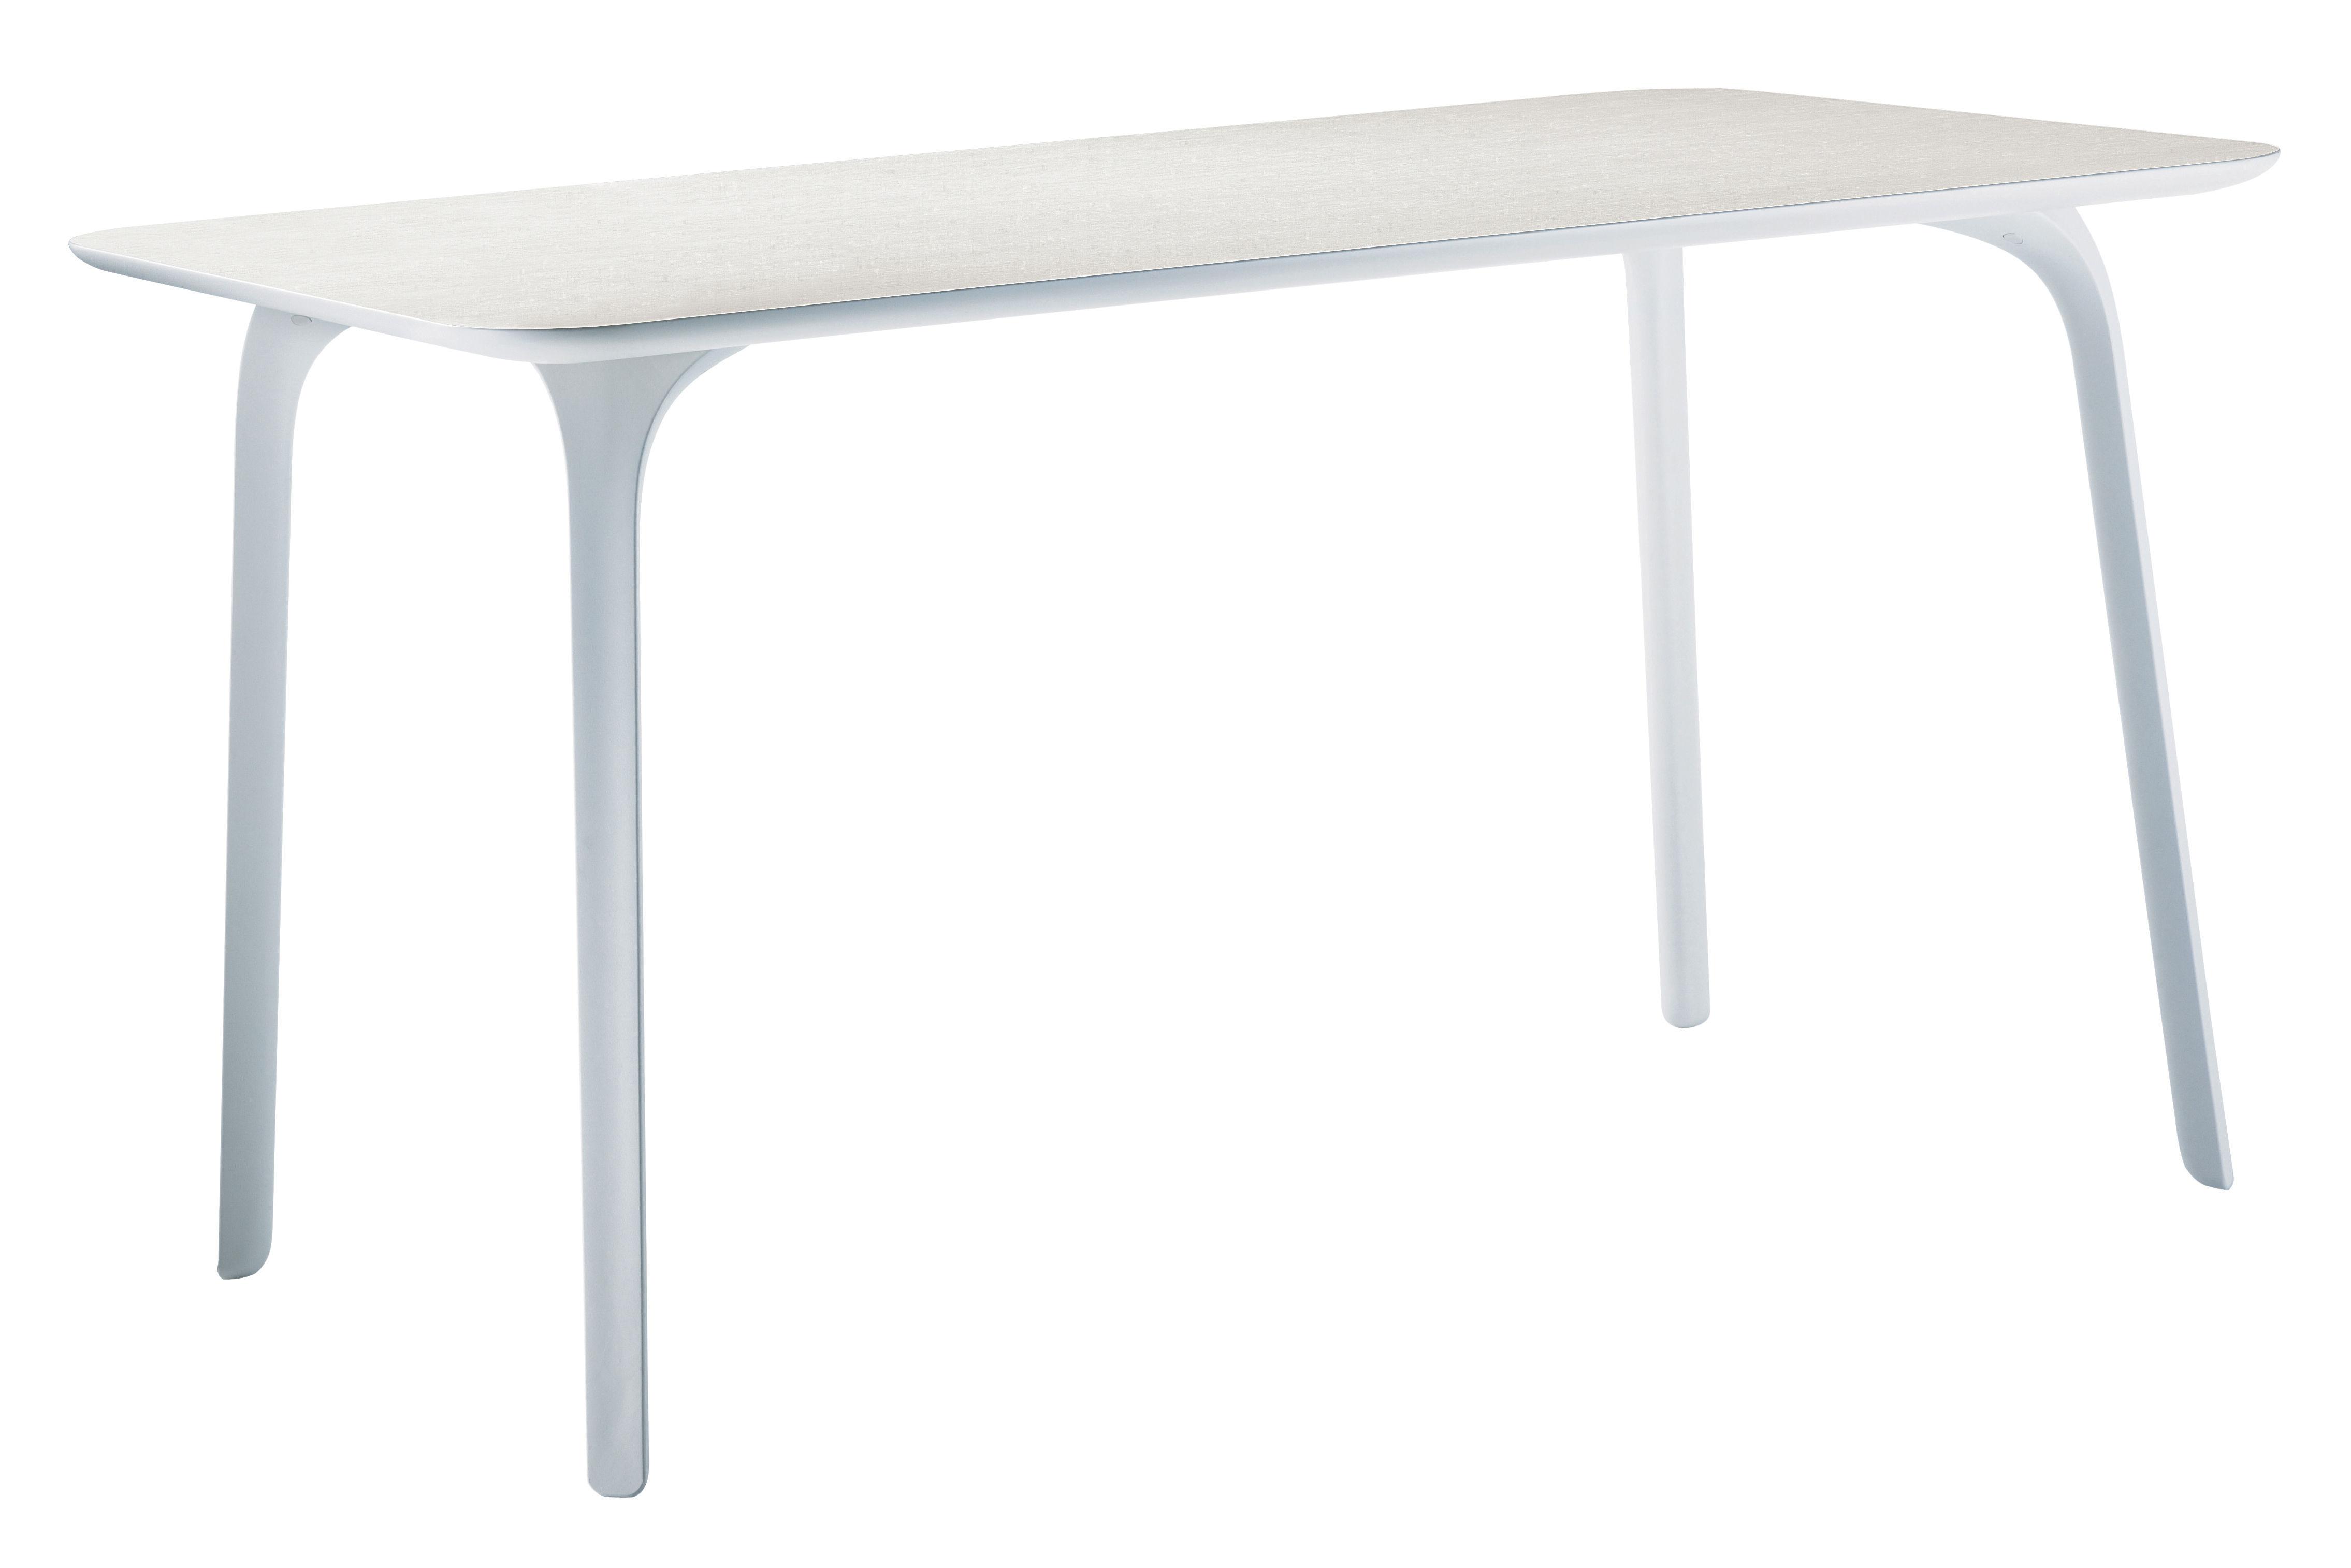 Rentrée 2011 UK - Bureau design - First rechteckiger Tisch Rechteckig – für den Innenraum - Magis - Platte: weiß / Füße: weiß - lackierte Holzfaserplatte, Polyamid